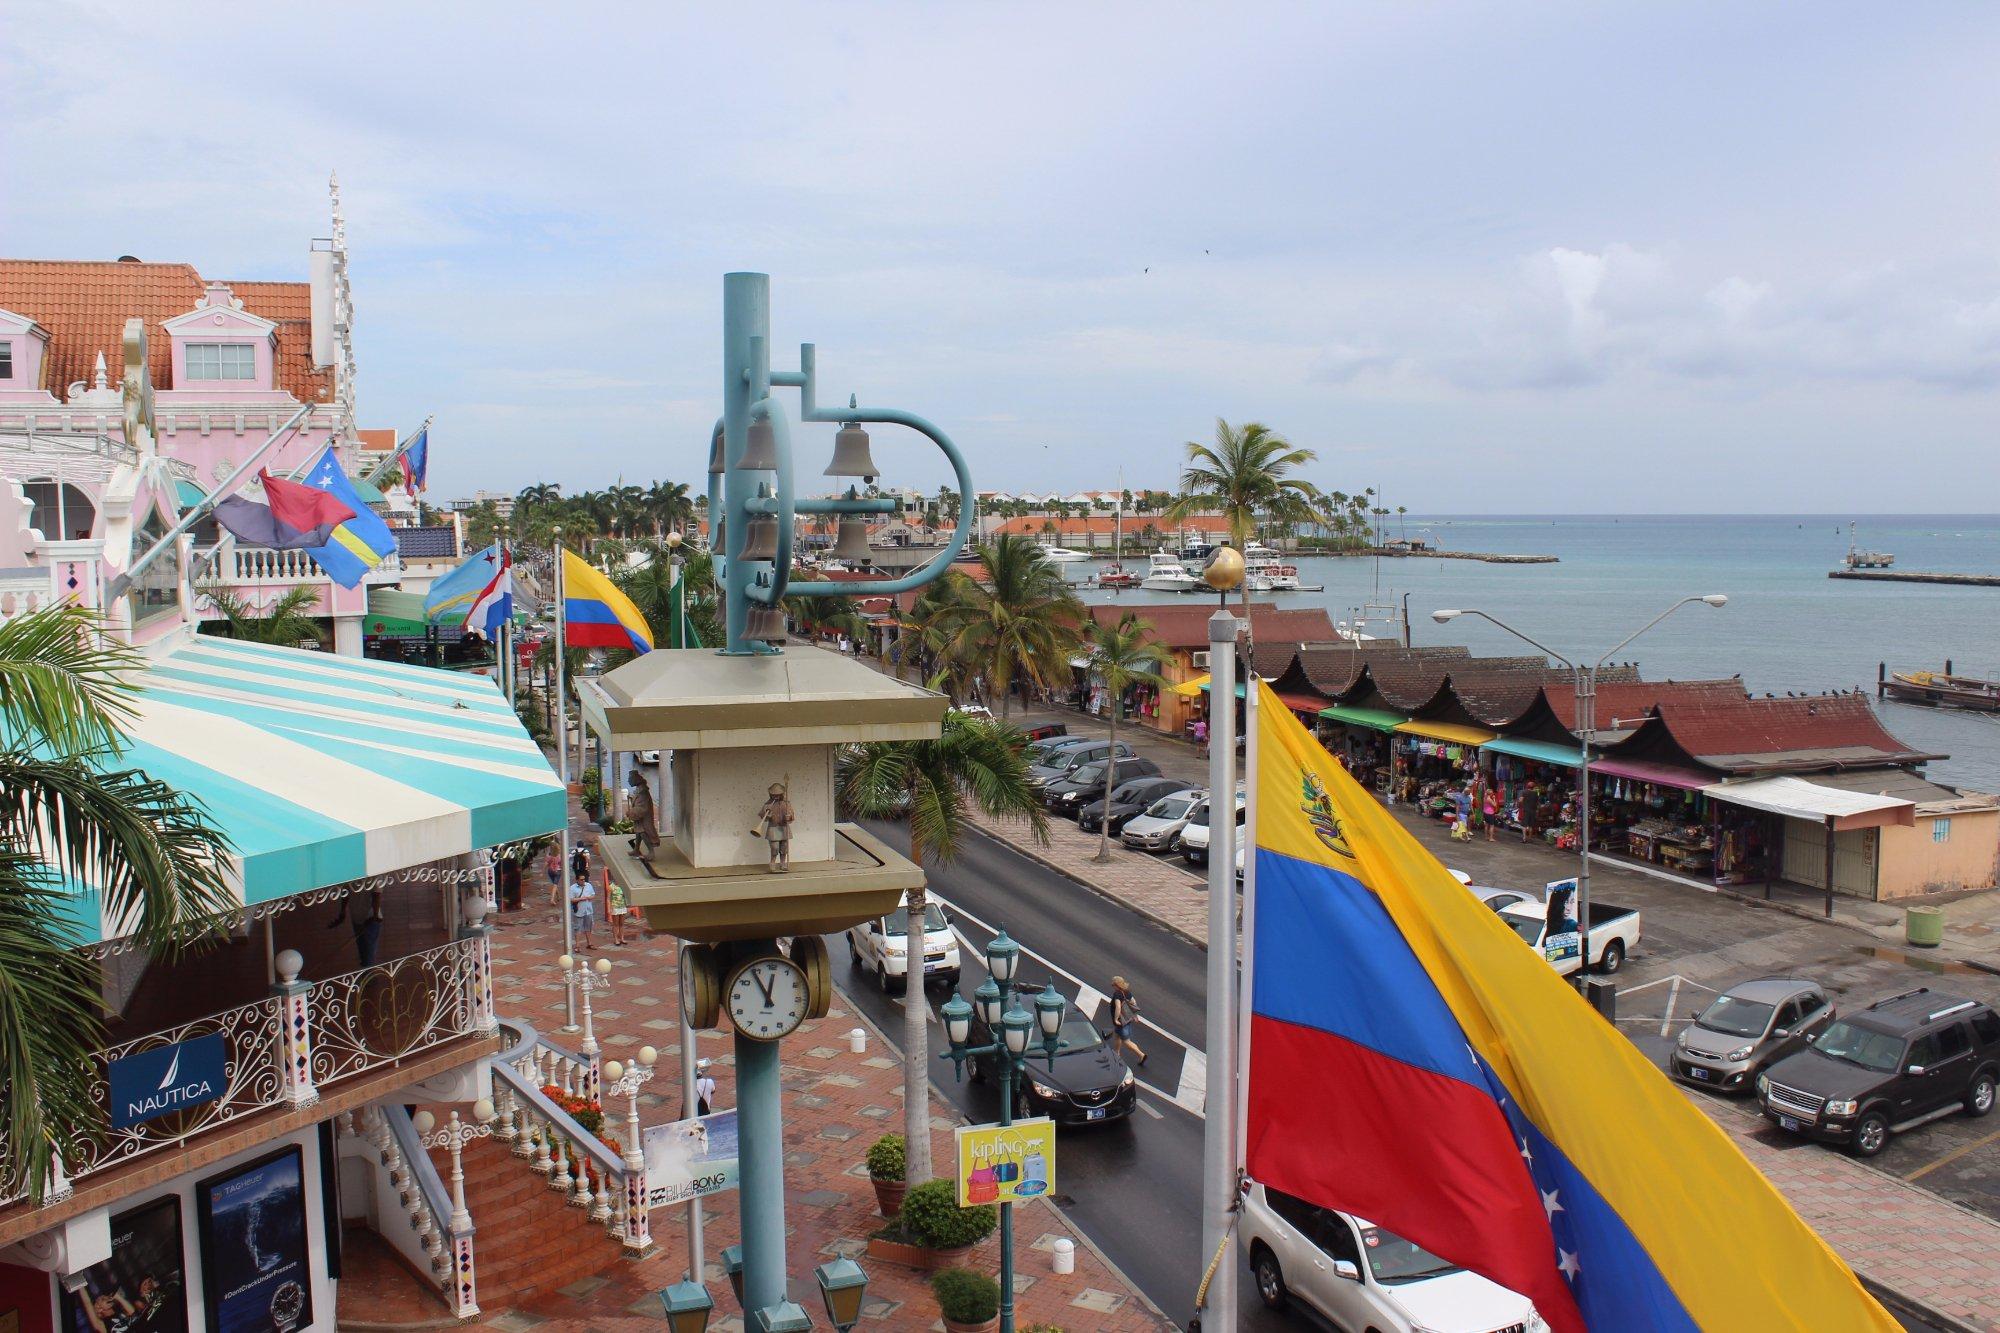 Imagen tomada desde la Plaza Royal de Oranjestad